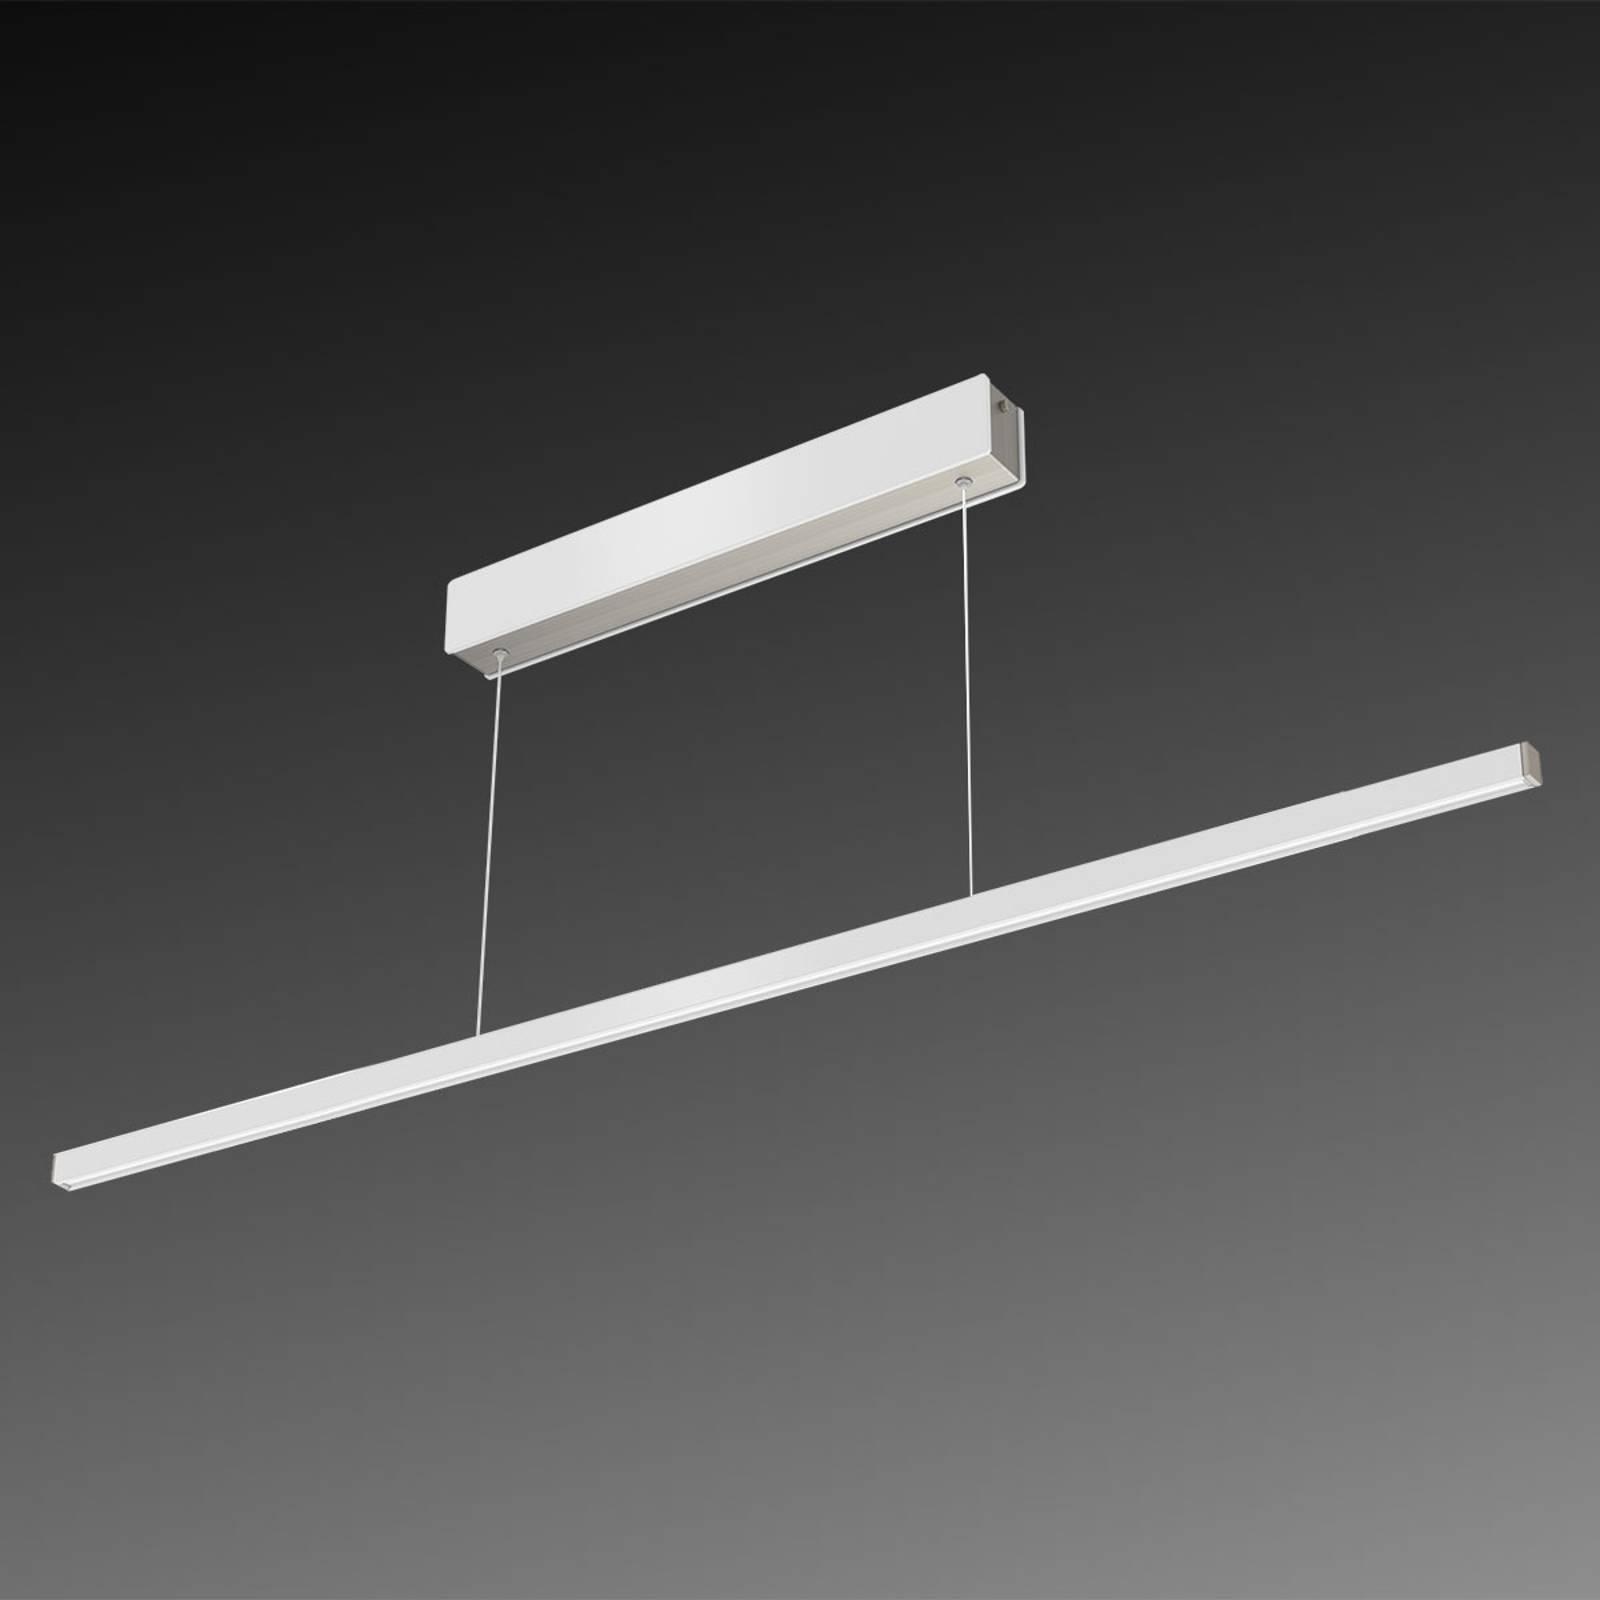 Lampa wisząca LED Orix, biała, 120 cm długości